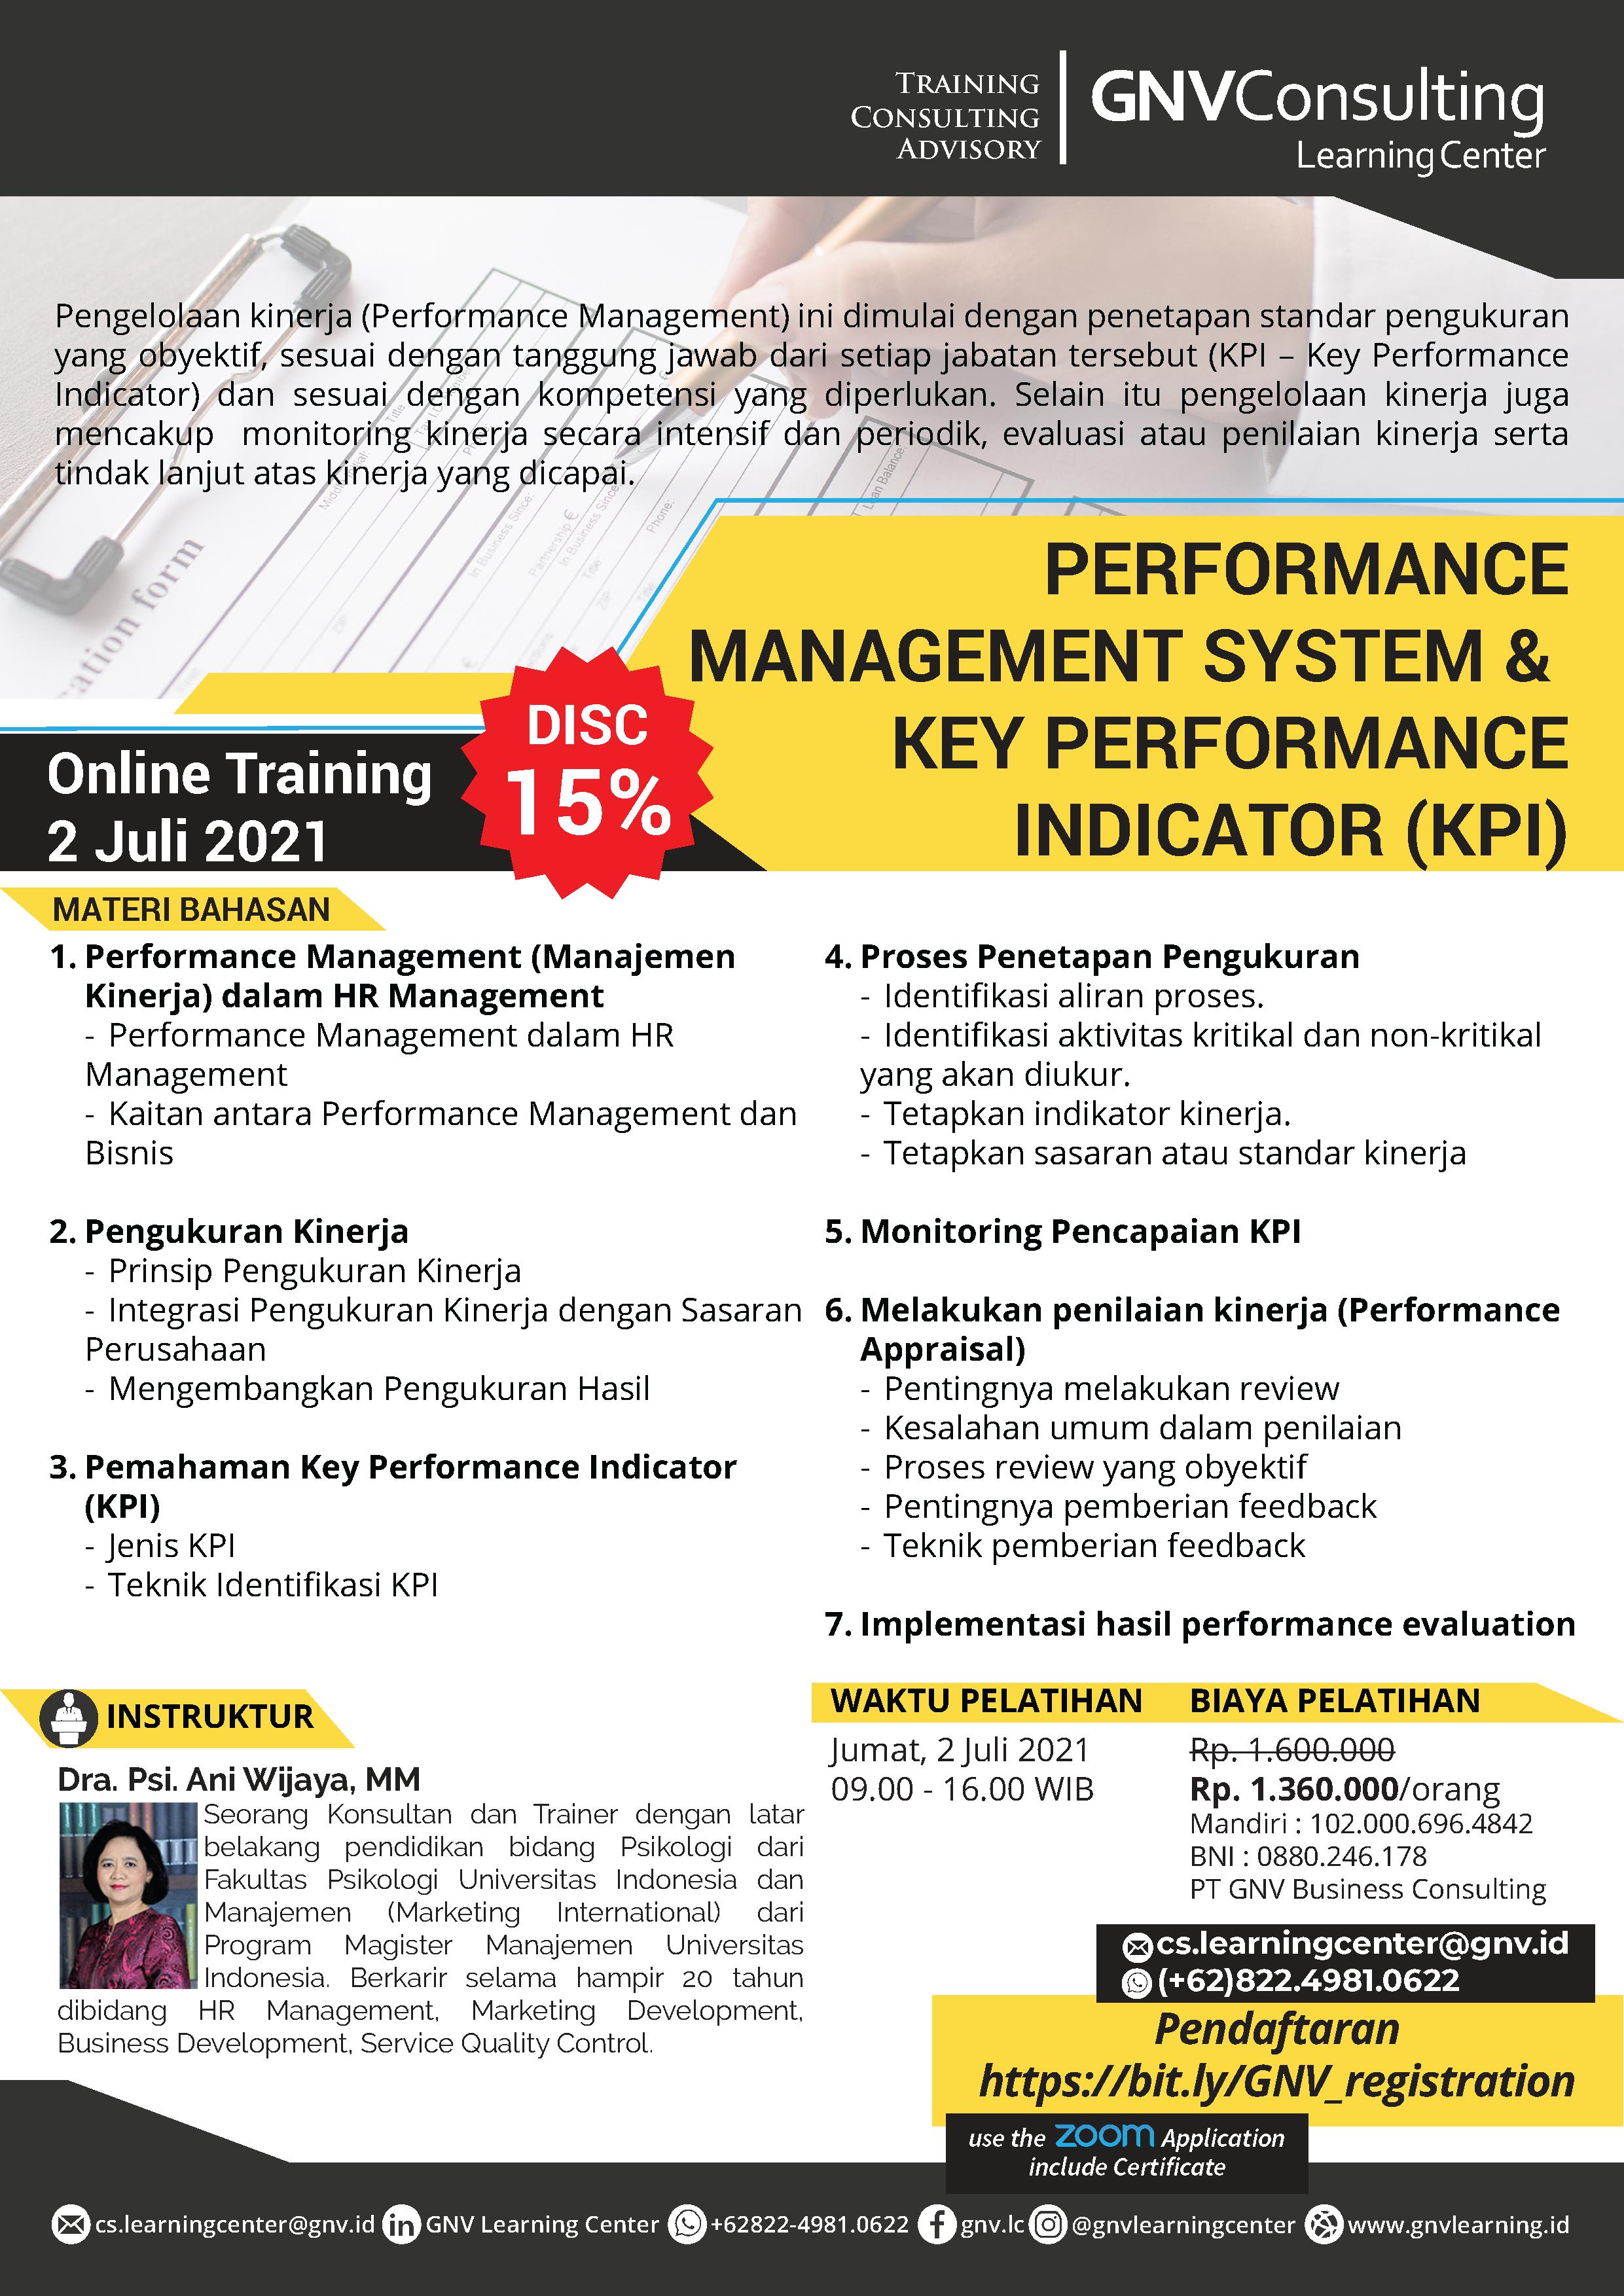 Performance Management System &  Key Performance Indicator (KPI) – Online Training